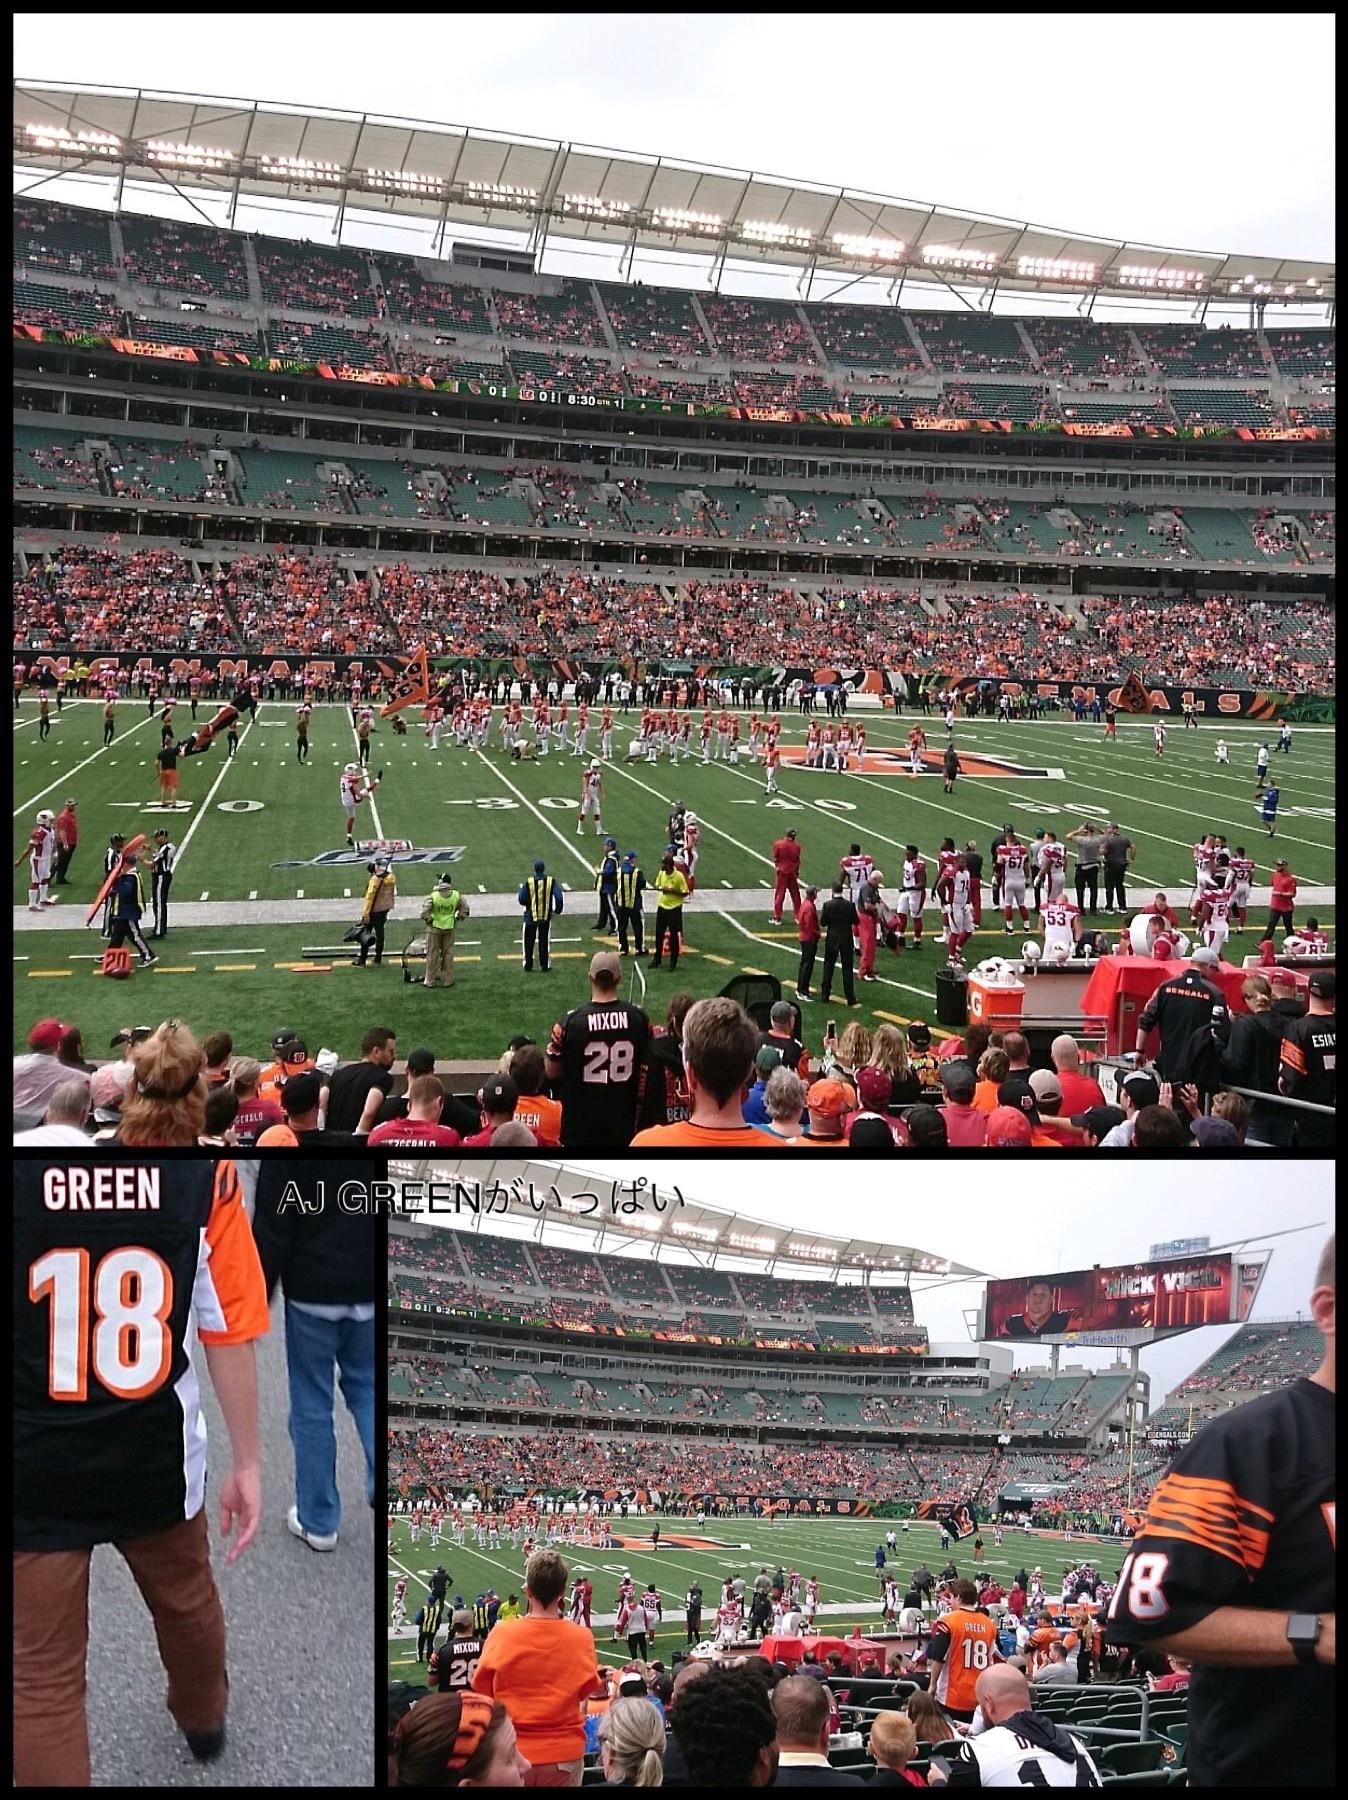 NFL観戦 シンシナティベンガルズスタジアム ベンガルズVSカージナルス